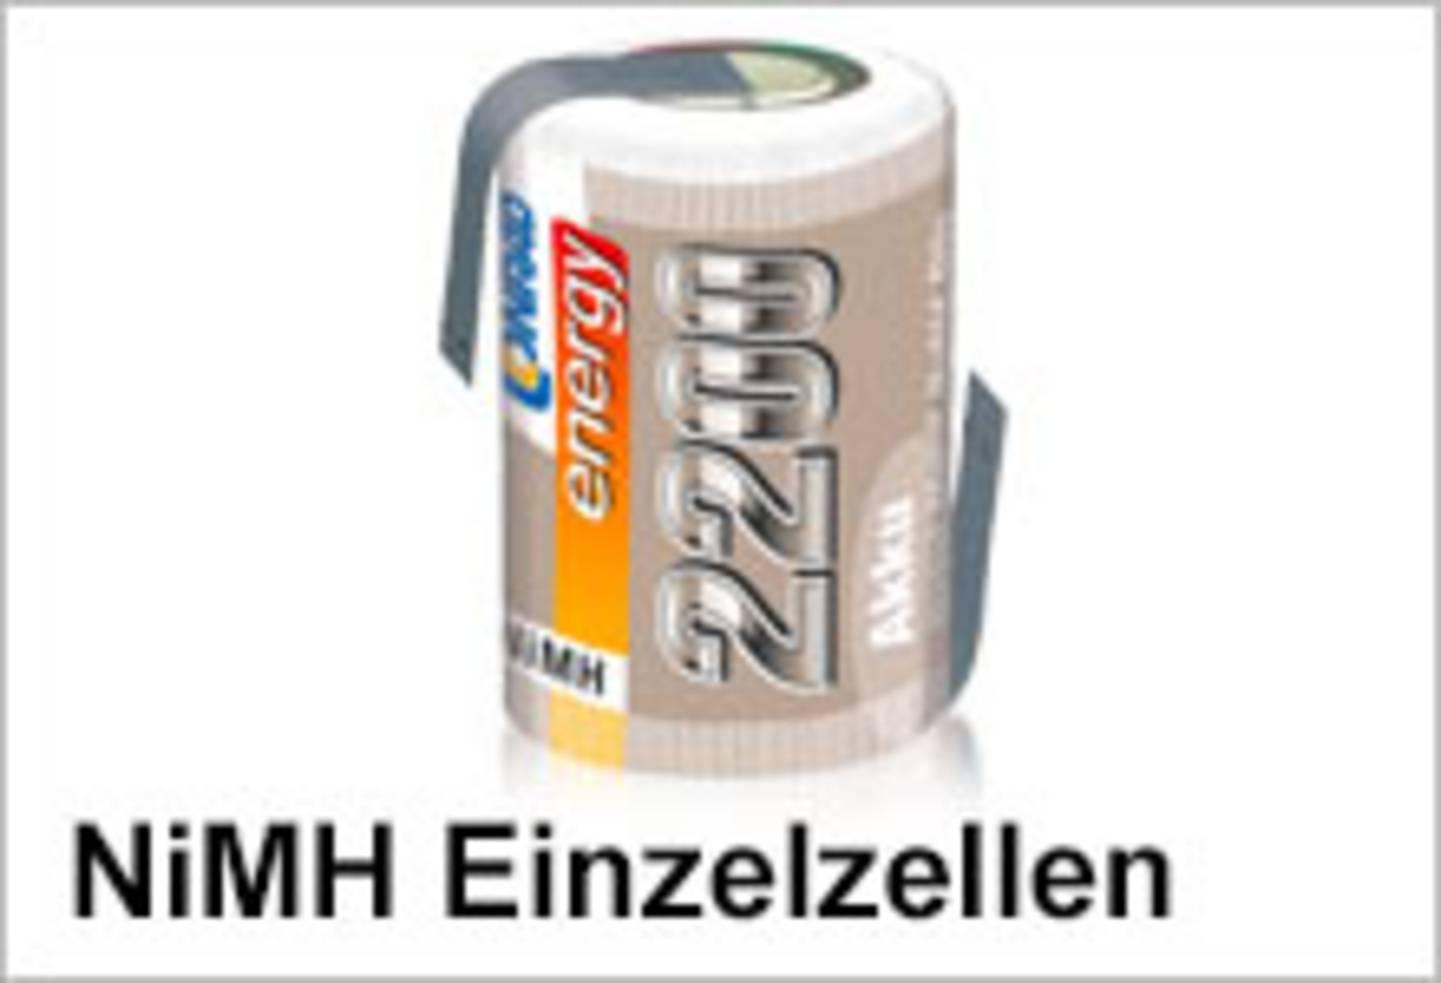 Conrad Energy NiMH Einzelzellen